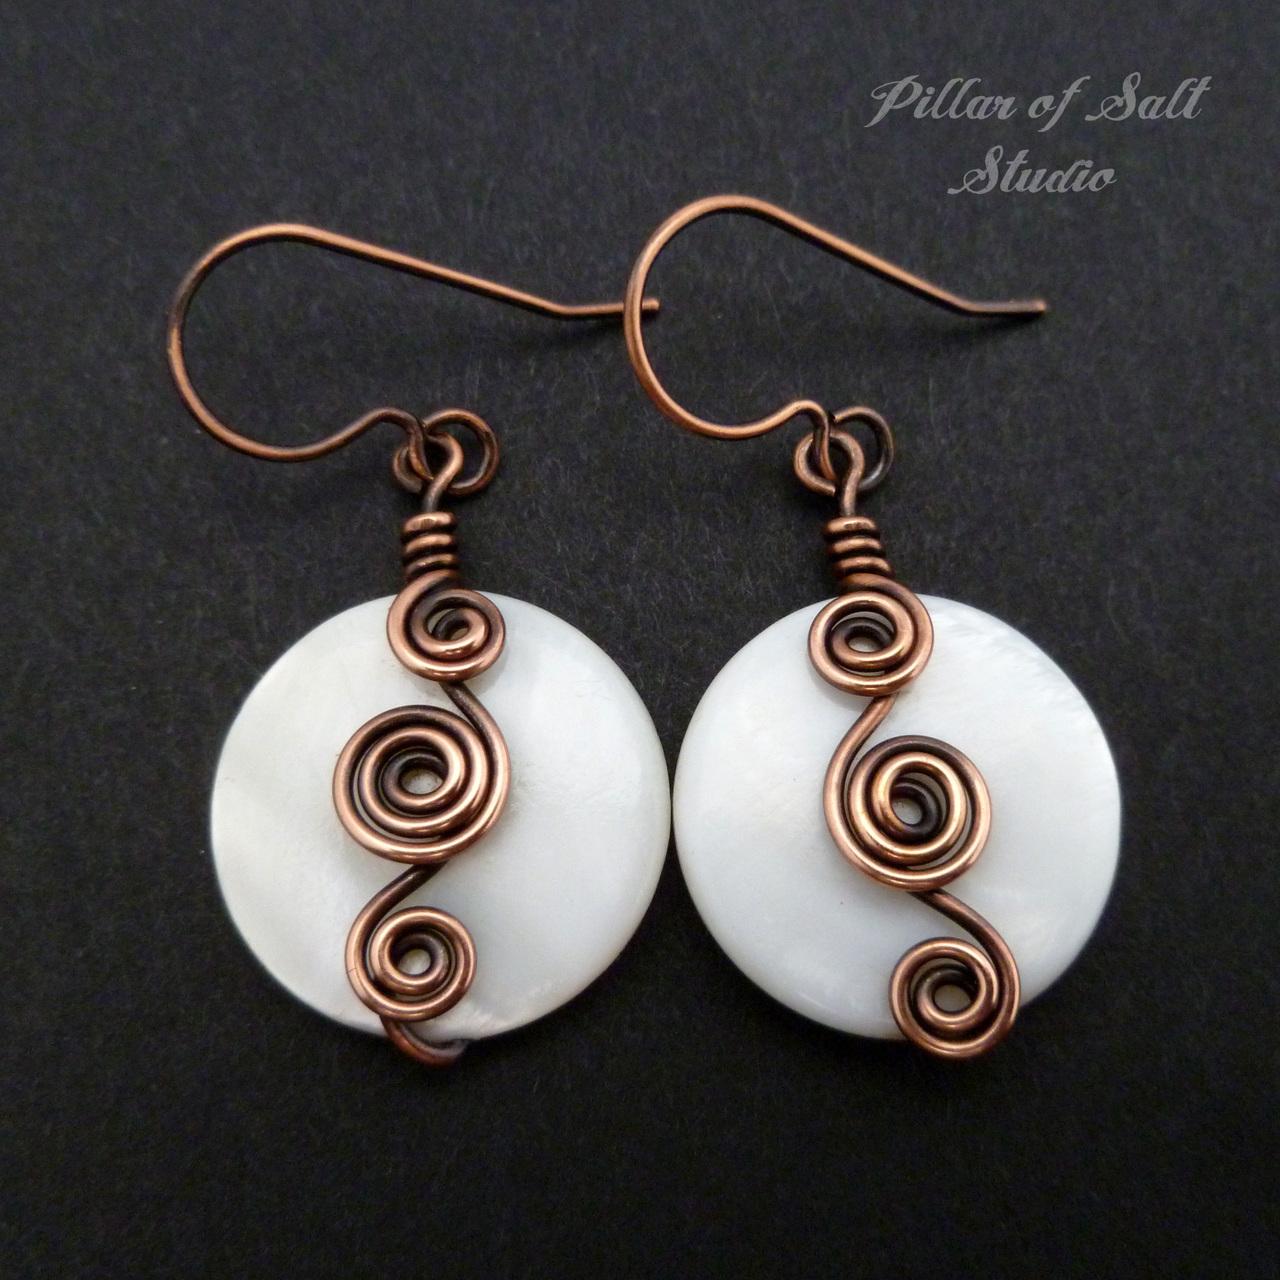 copper wire wrapped earrings jewelry by Pillar of Salt Studio